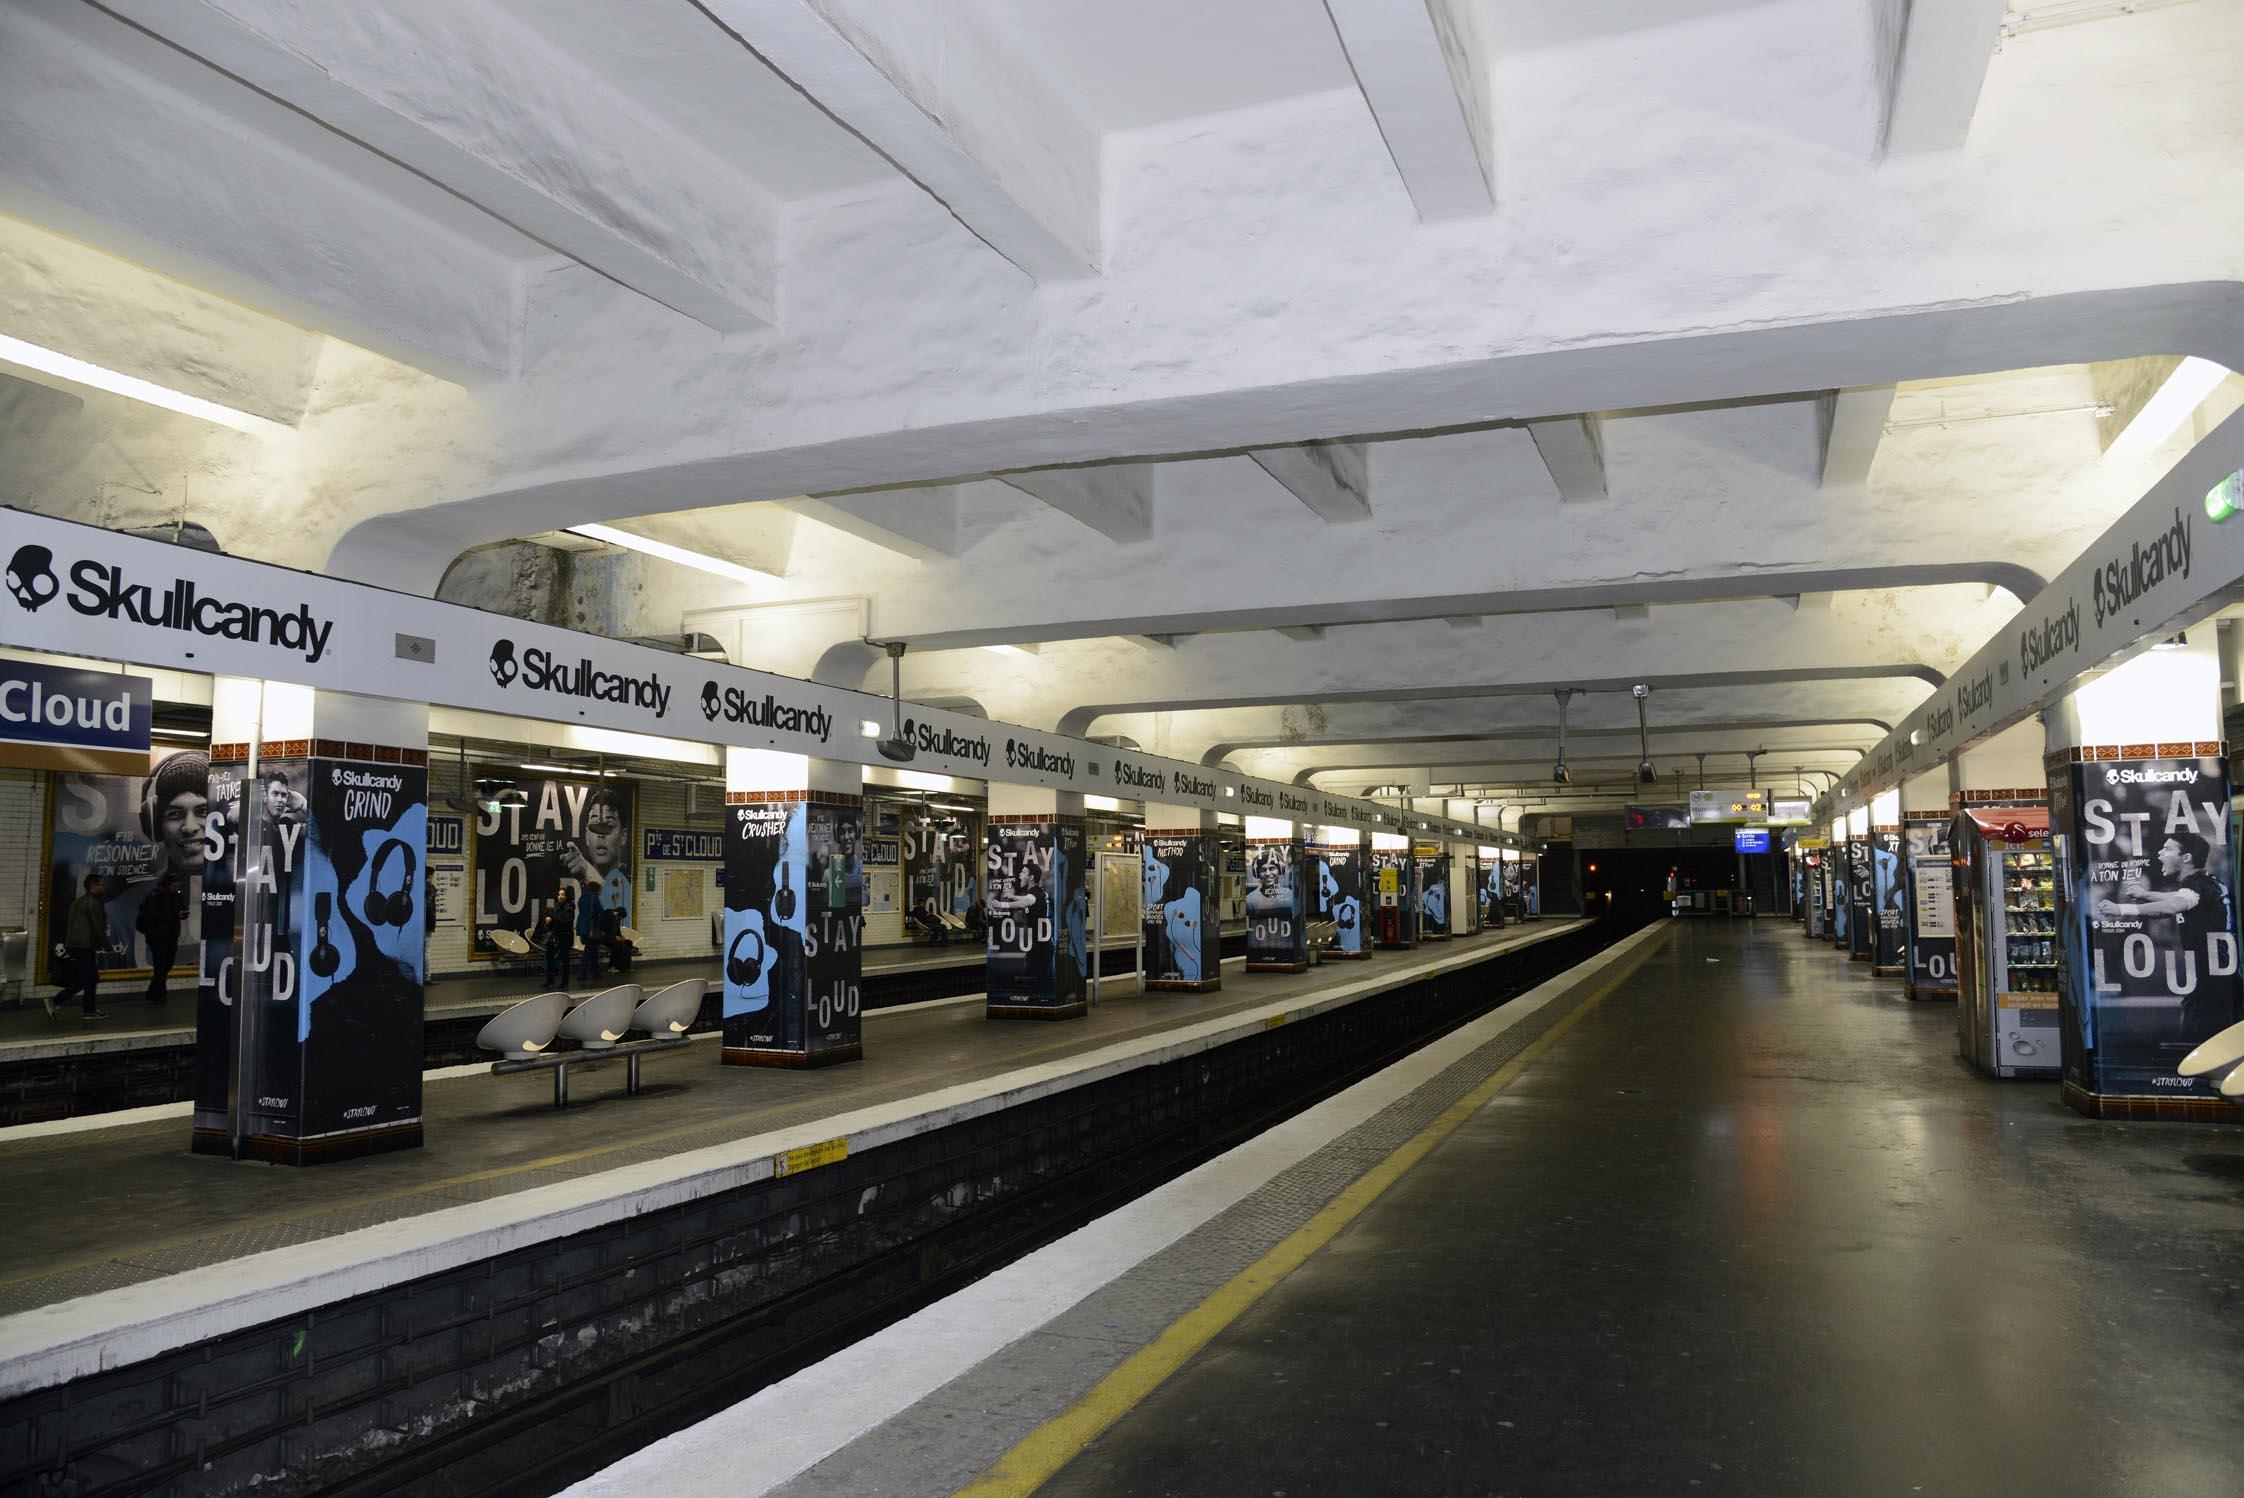 stations porte de saint cloud metro